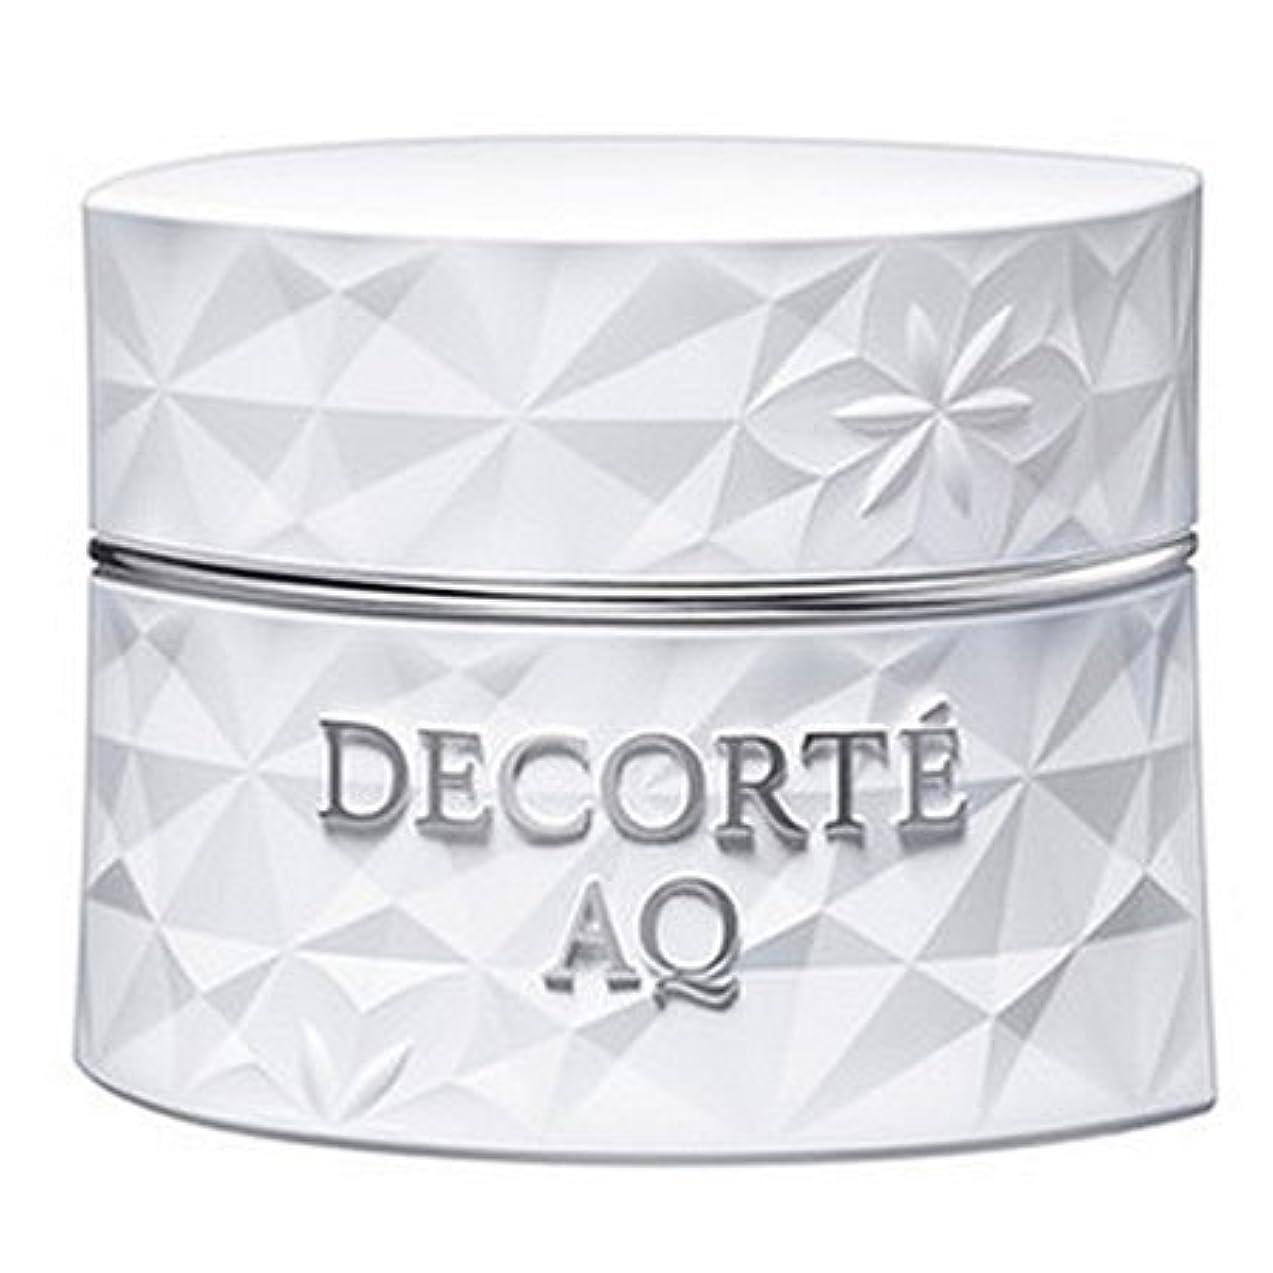 再発する摩擦白鳥コスメデコルテ AQ ホワイトニング クリーム 25g-COSME DECORTE-